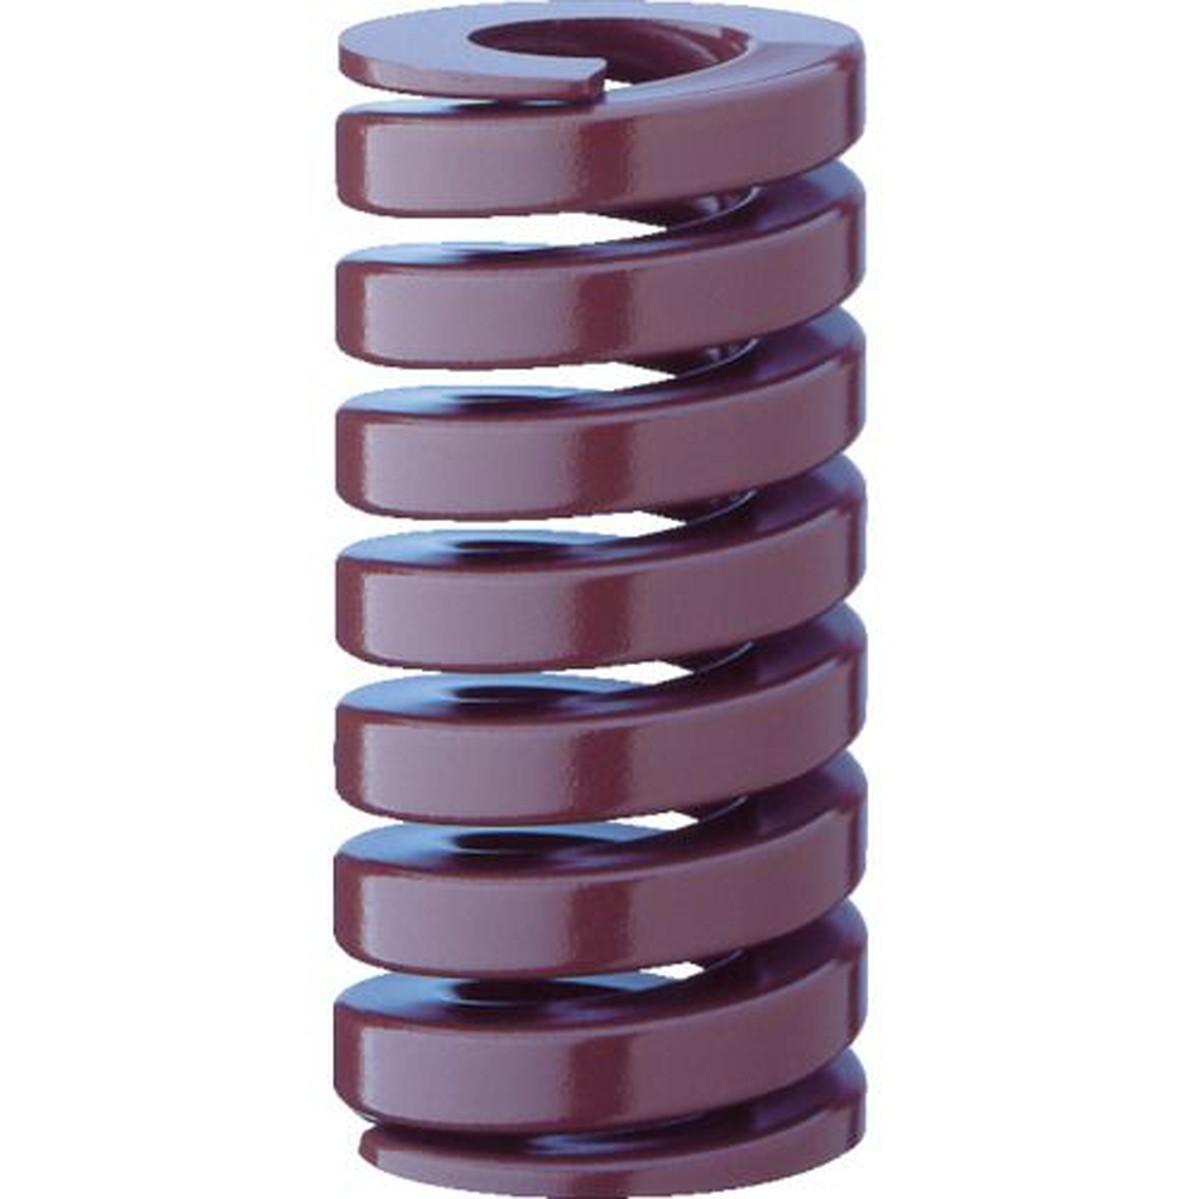 あす楽対応 新作多数 DIY用品 豪華な 東発 強力ばね 極重荷重 たわみ16 外径40 自由長80 1個